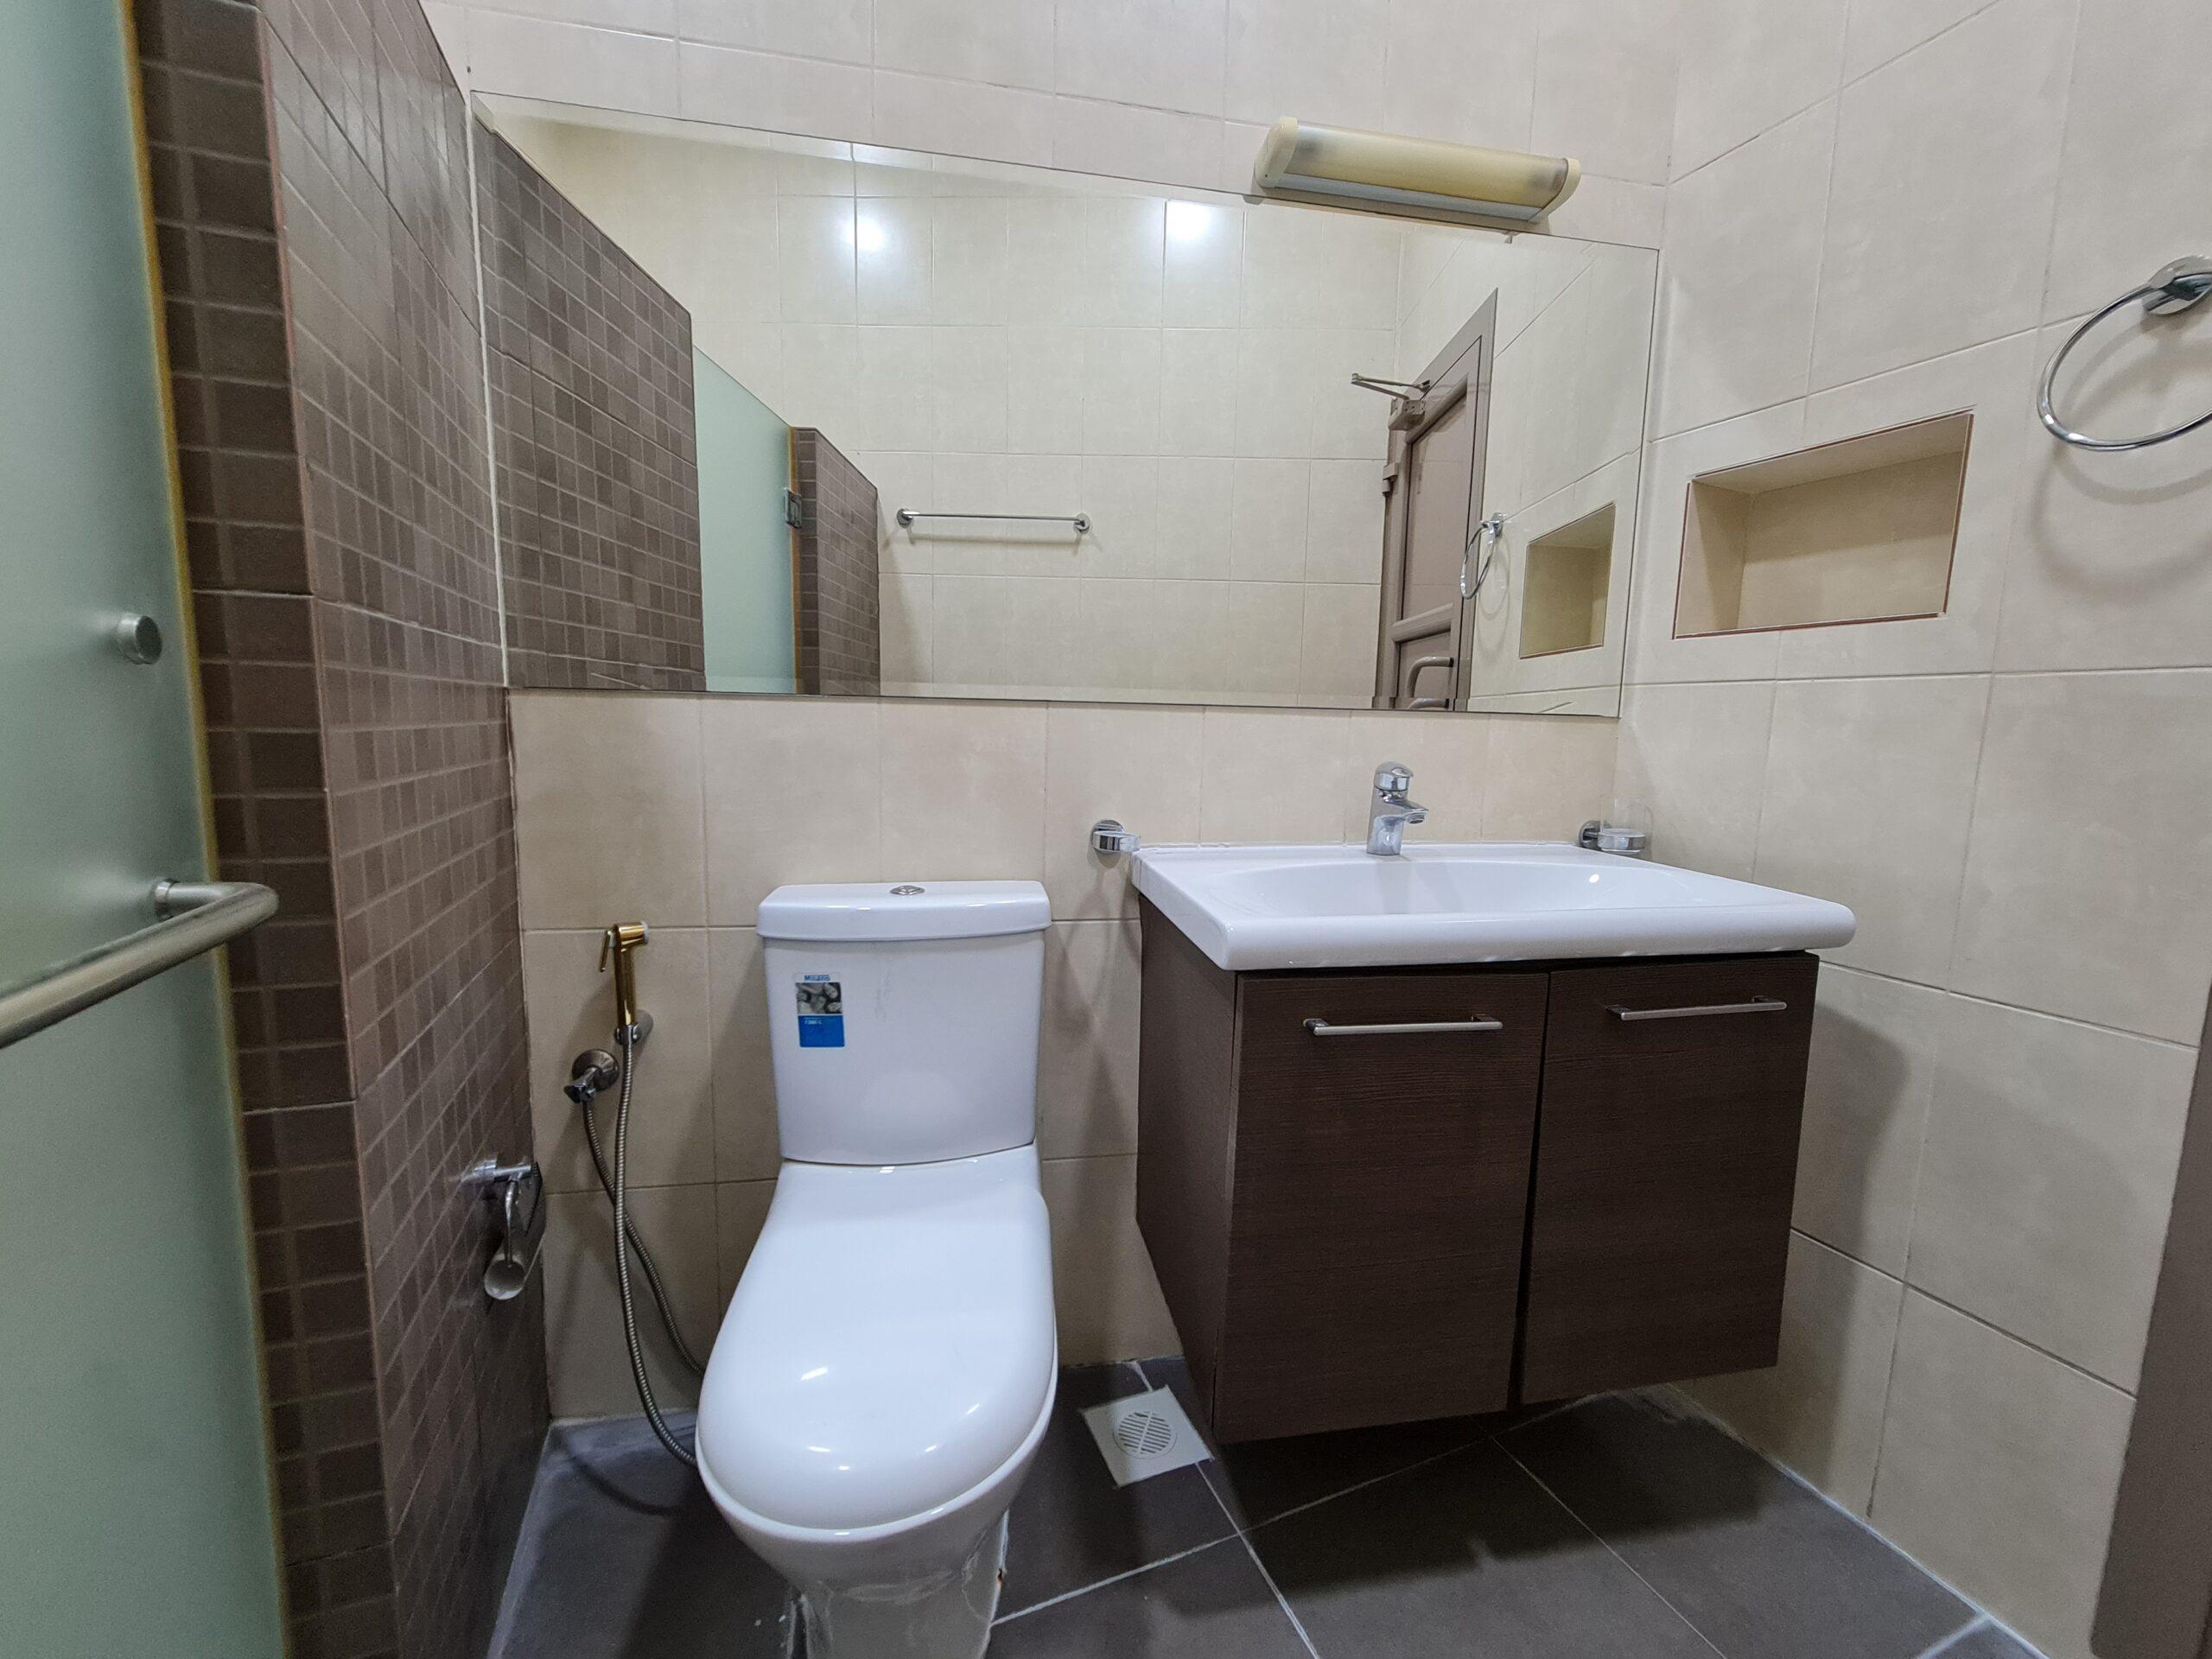 للإيجار شقة سكنية تتكون من ثلاث غرف نوم بمنطقة جرداب قيمة الإيجار -/ 300 دينار بالشهر غير شامل الكهرباء والماء